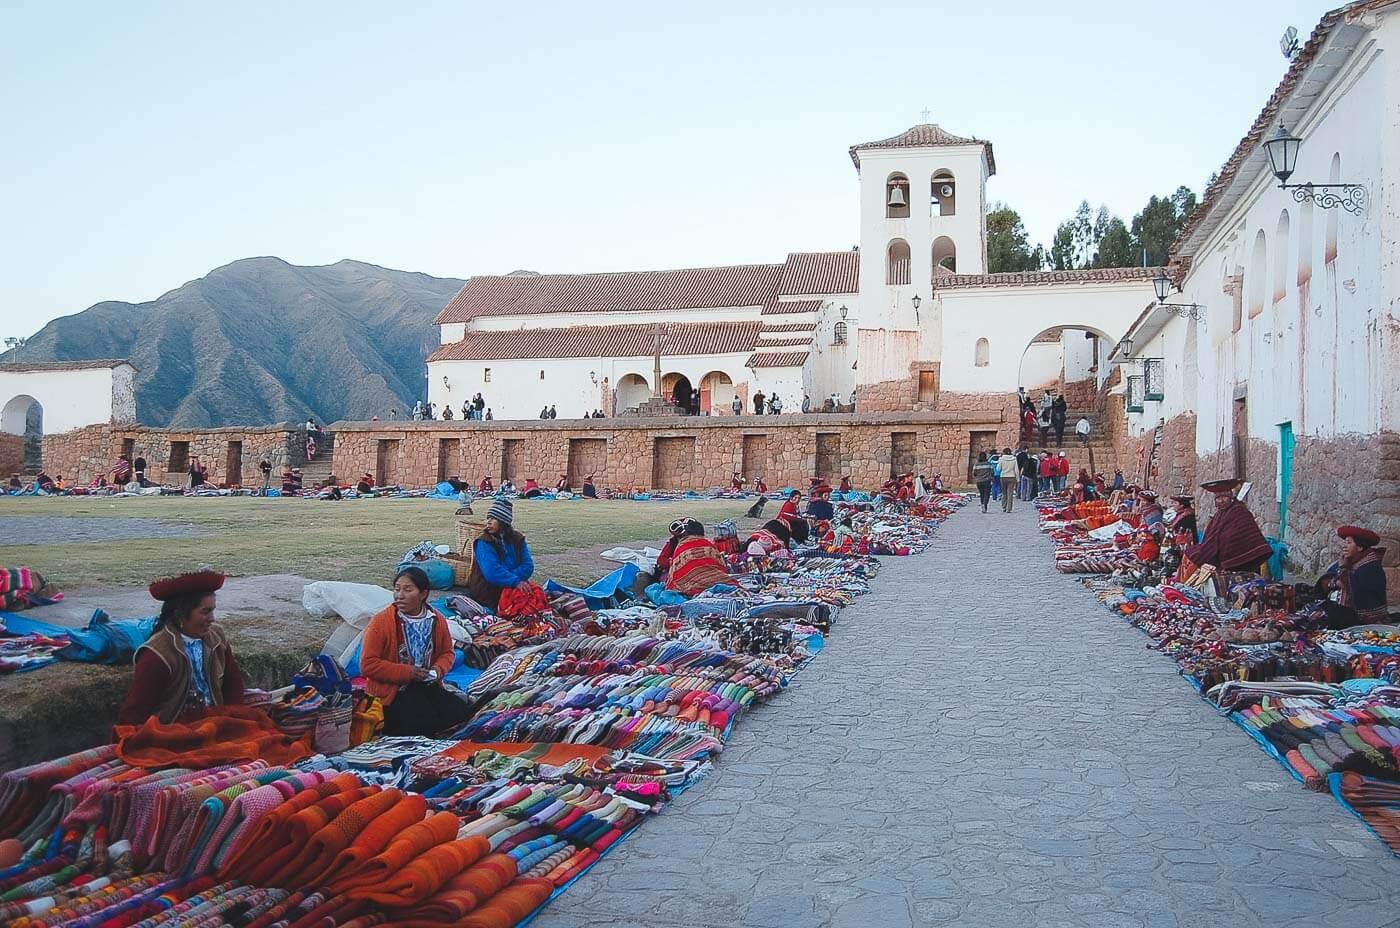 Vale Sagrado dos Incas - Chinchero